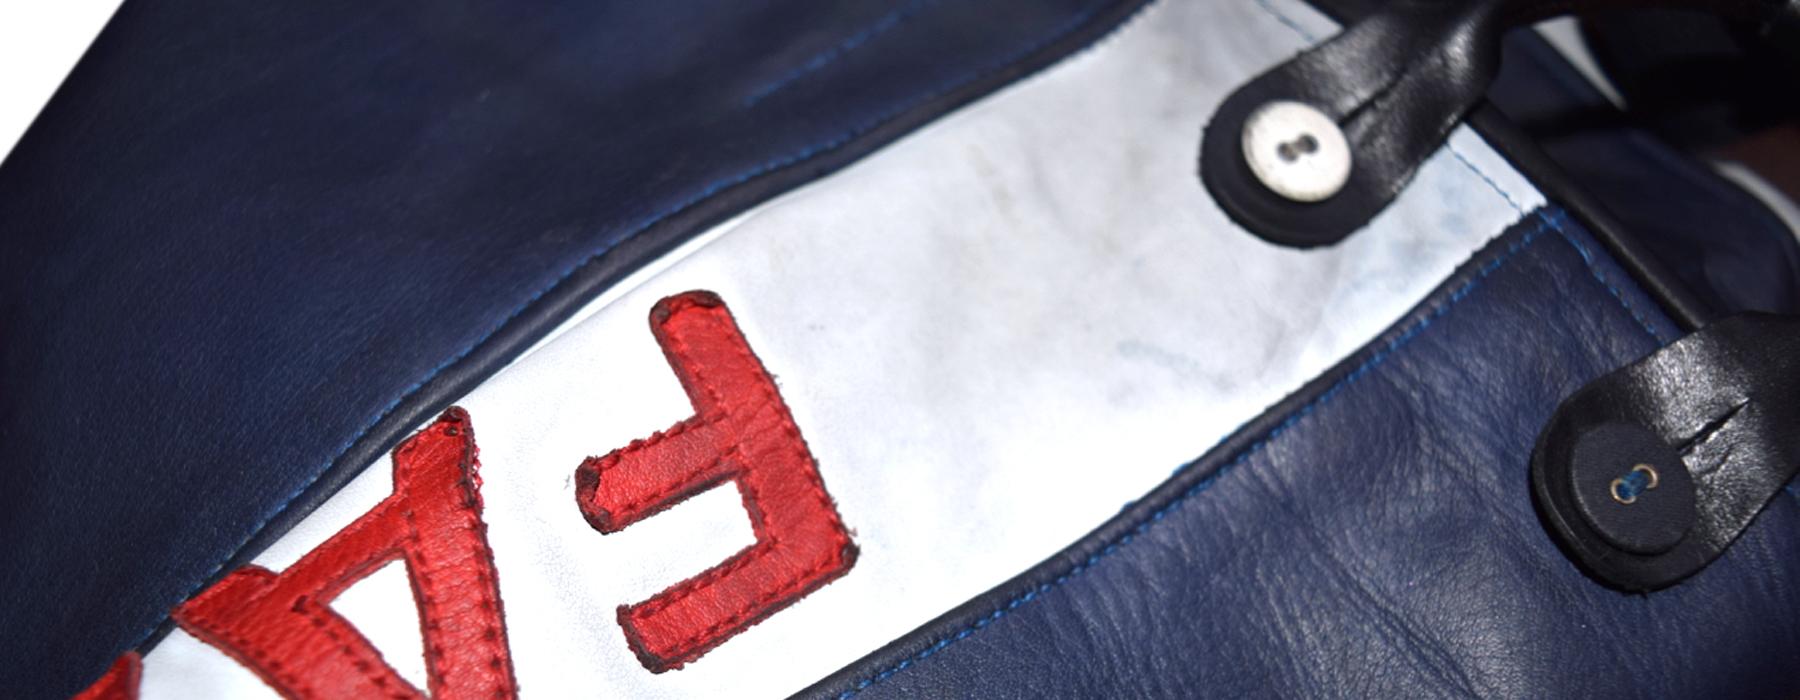 de curae | Candyman Racing Suit, pants detail – Thorsten Schlesinger